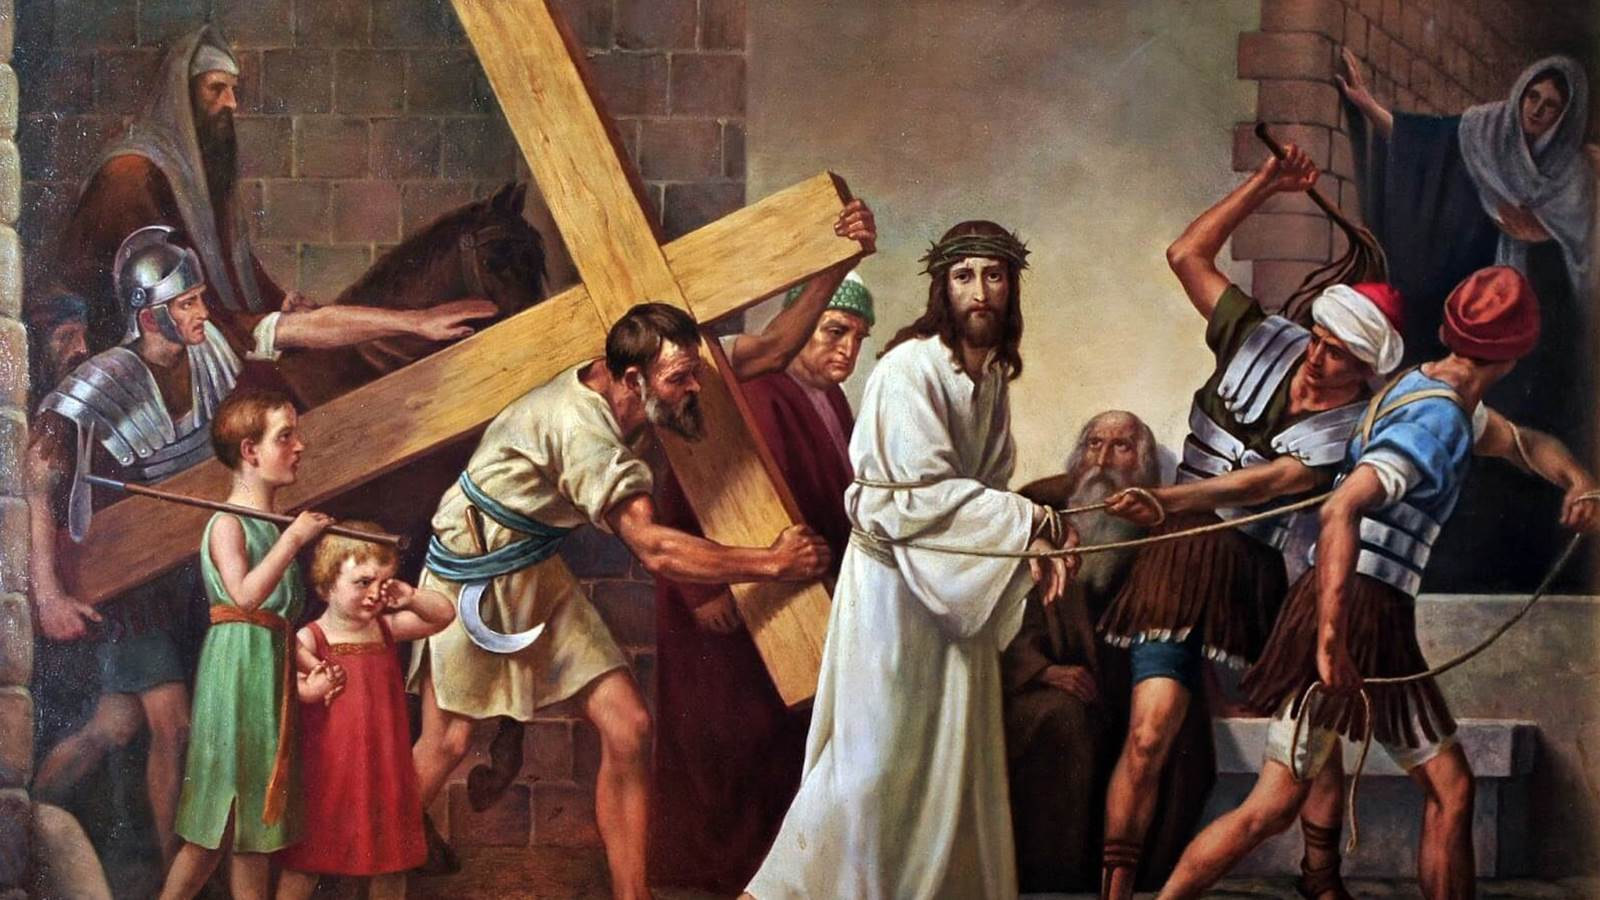 Vác thập giá mình hằng ngày (18.02.2021 – Thứ Năm sau Lễ Tro)